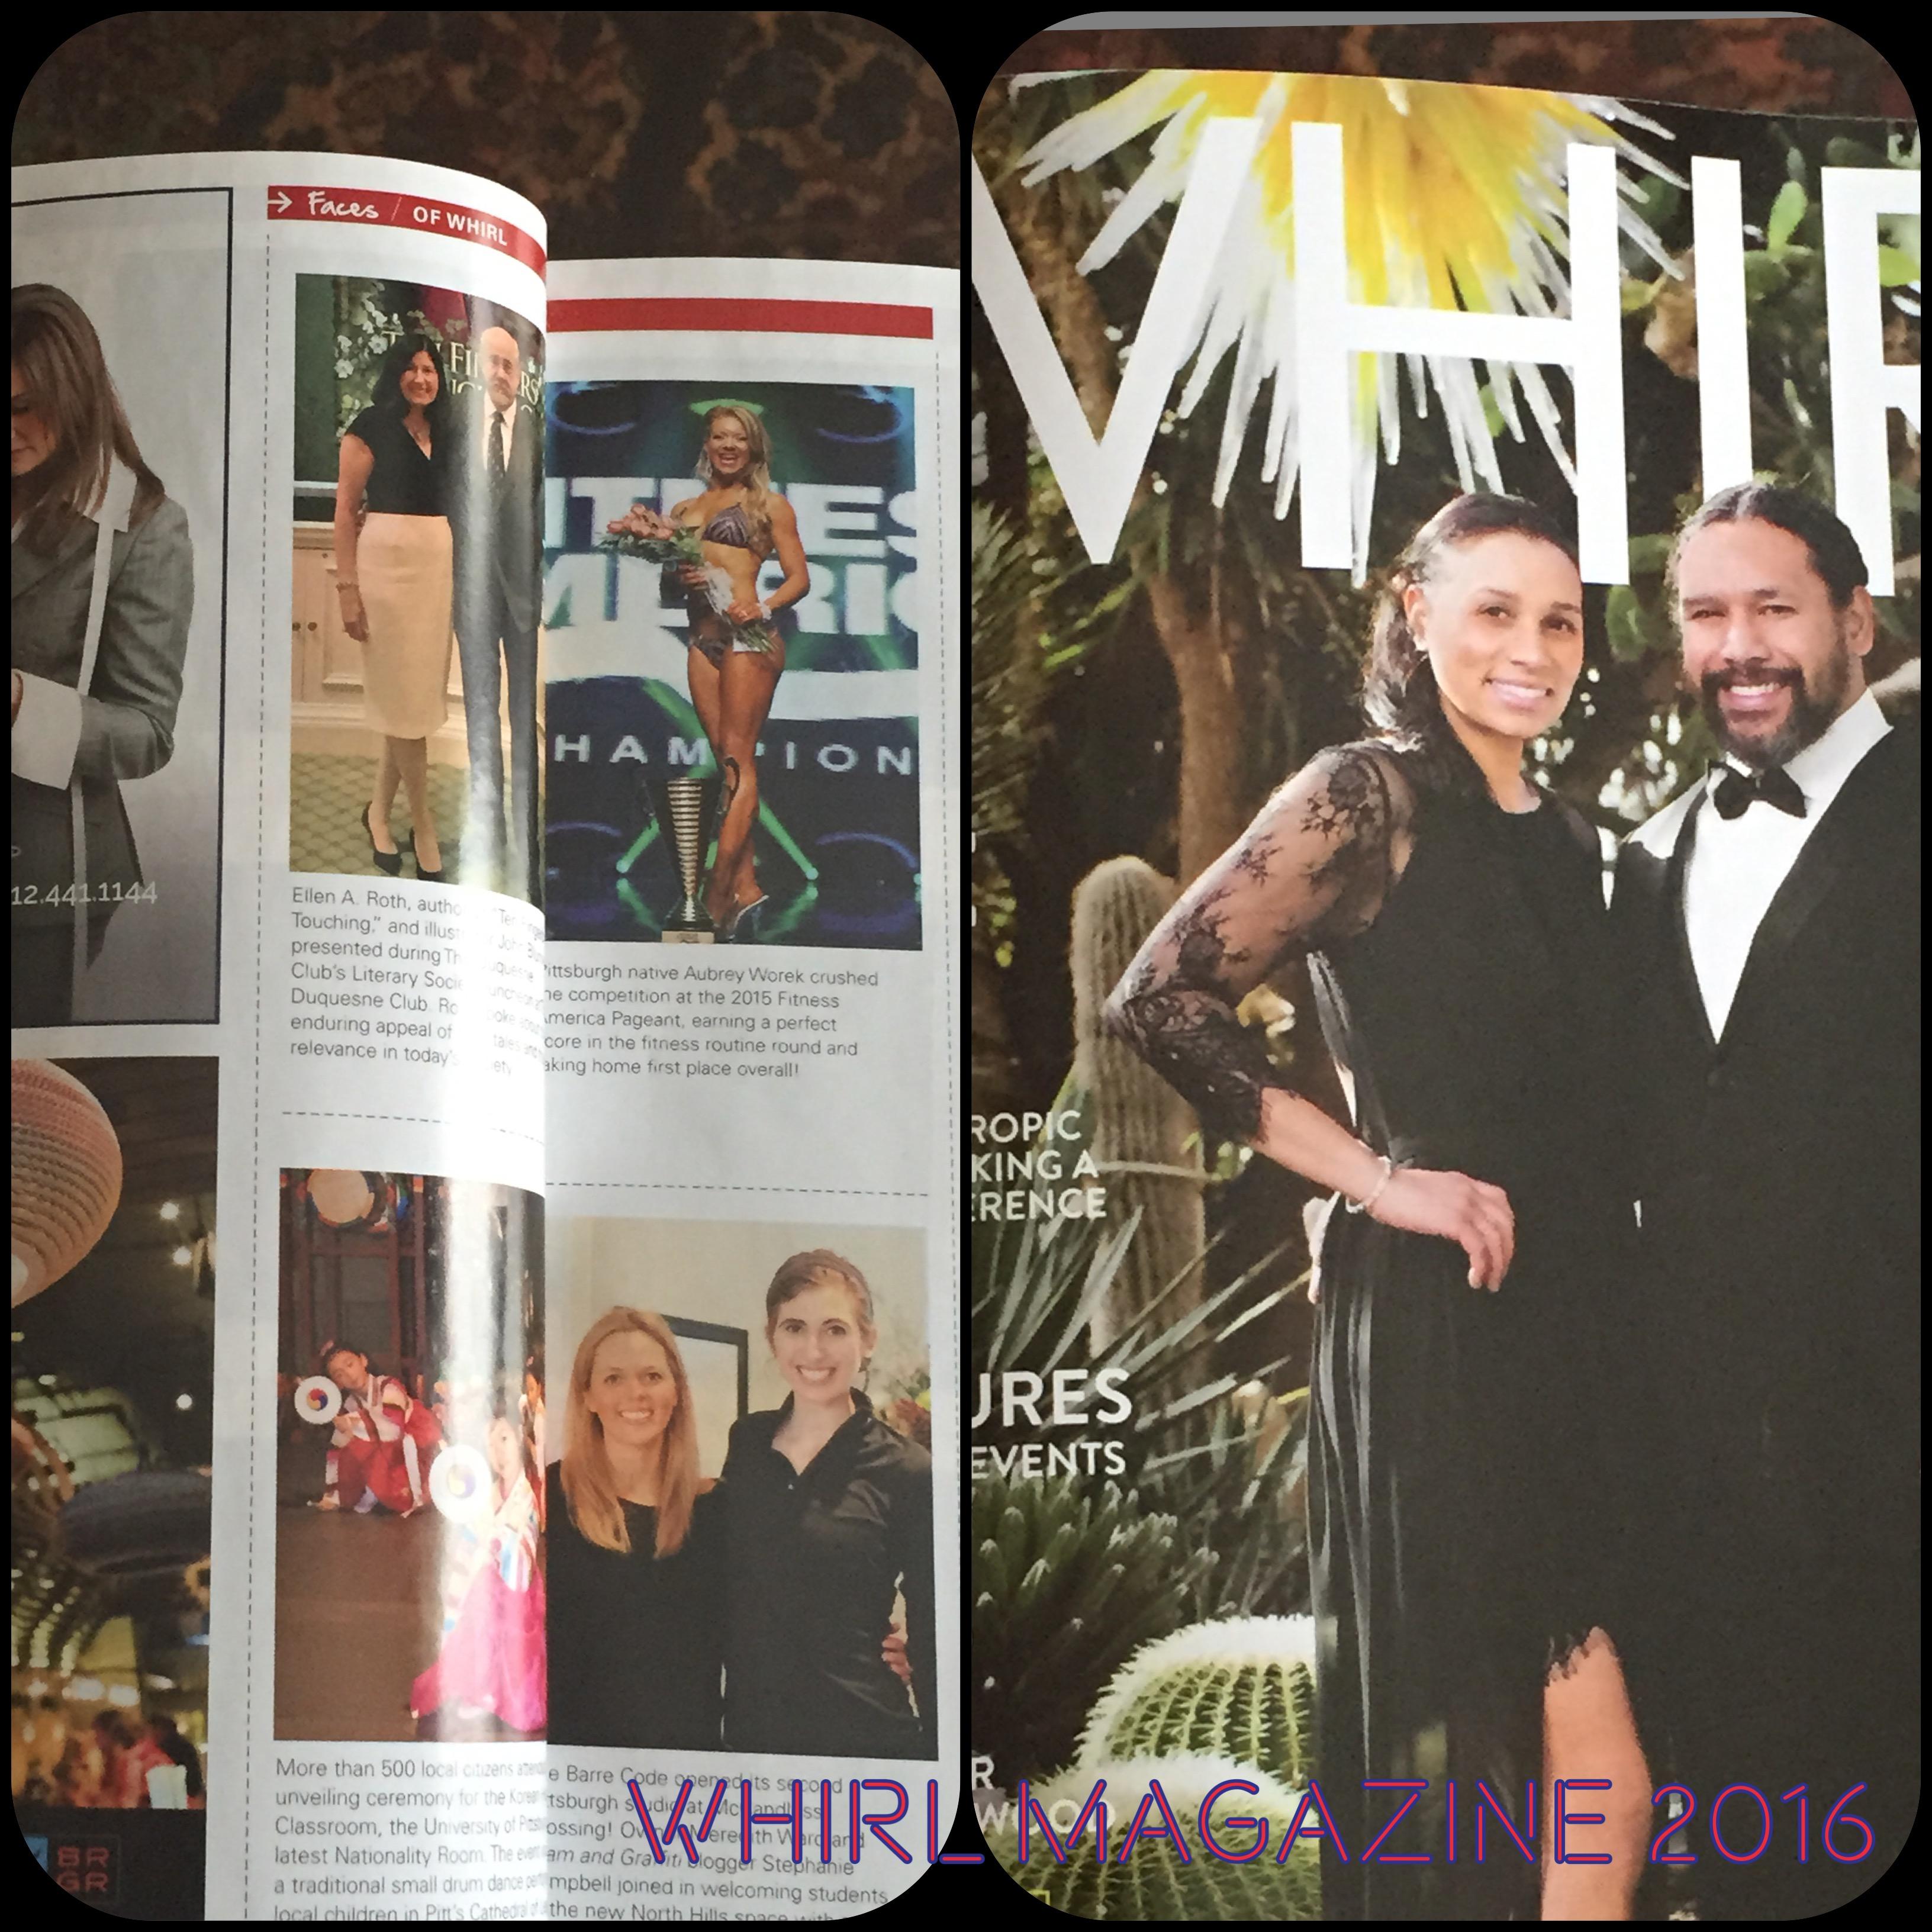 WHIRL Magazine